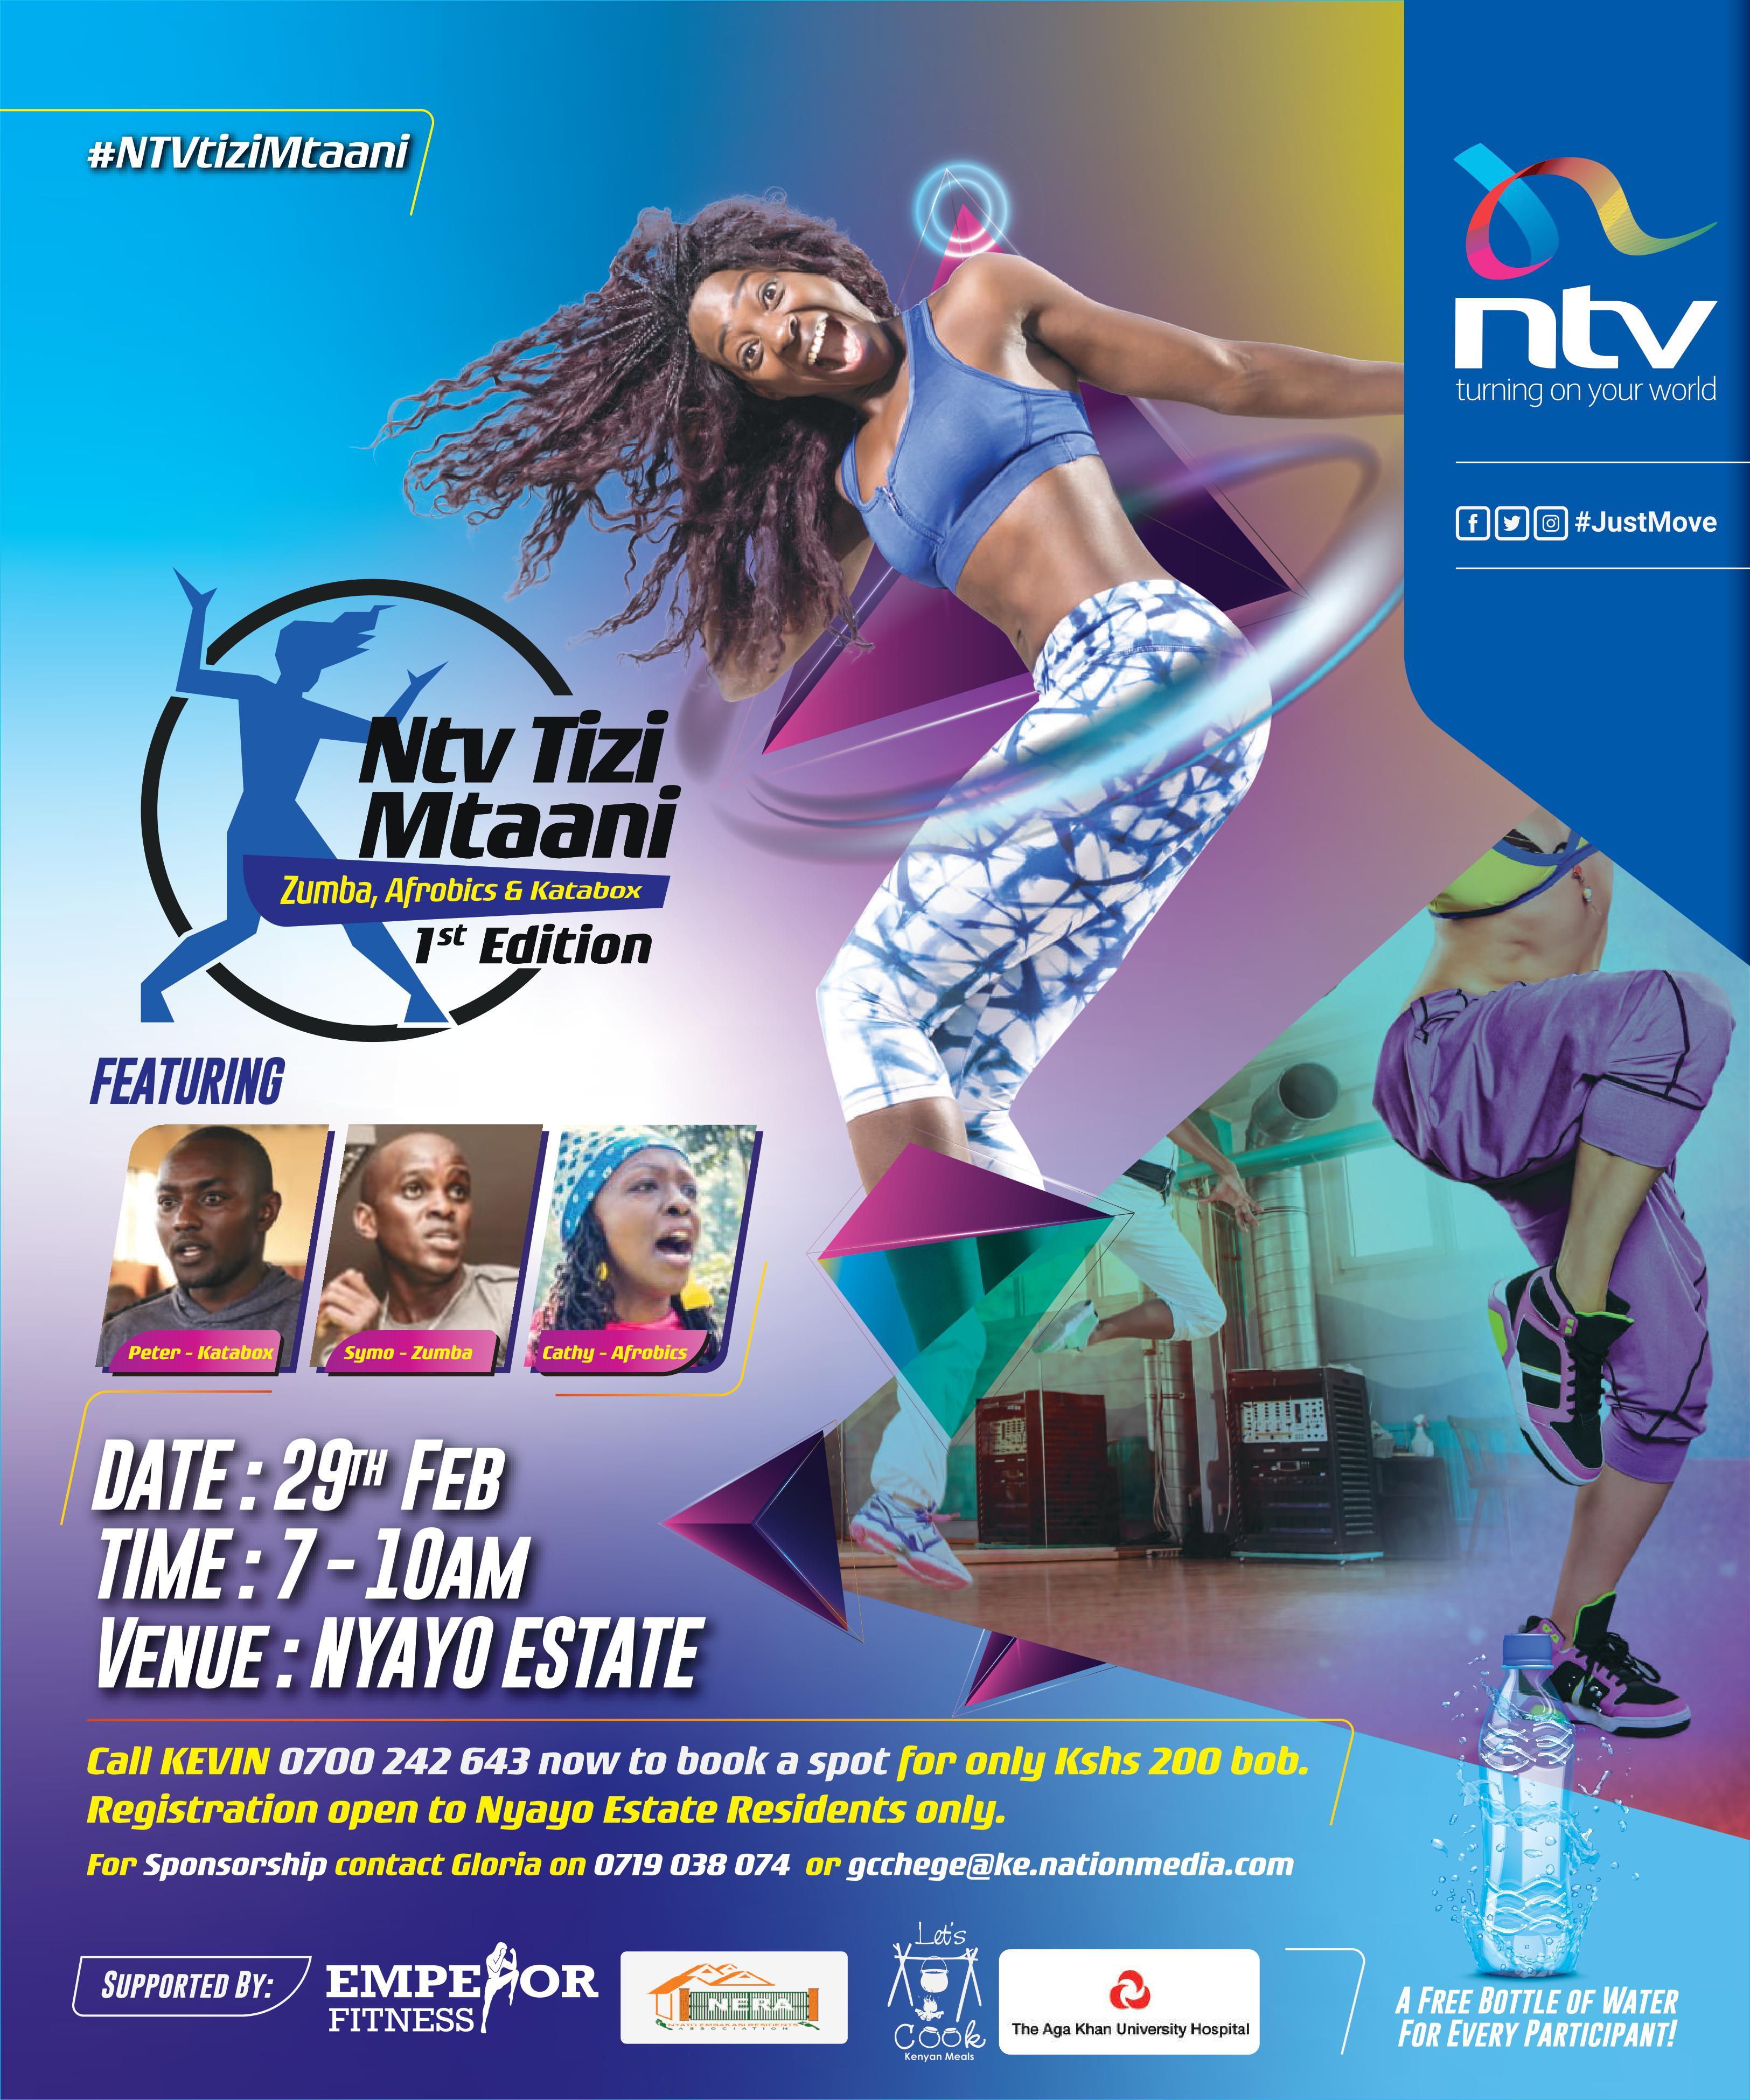 NTV Tizi Mtaani